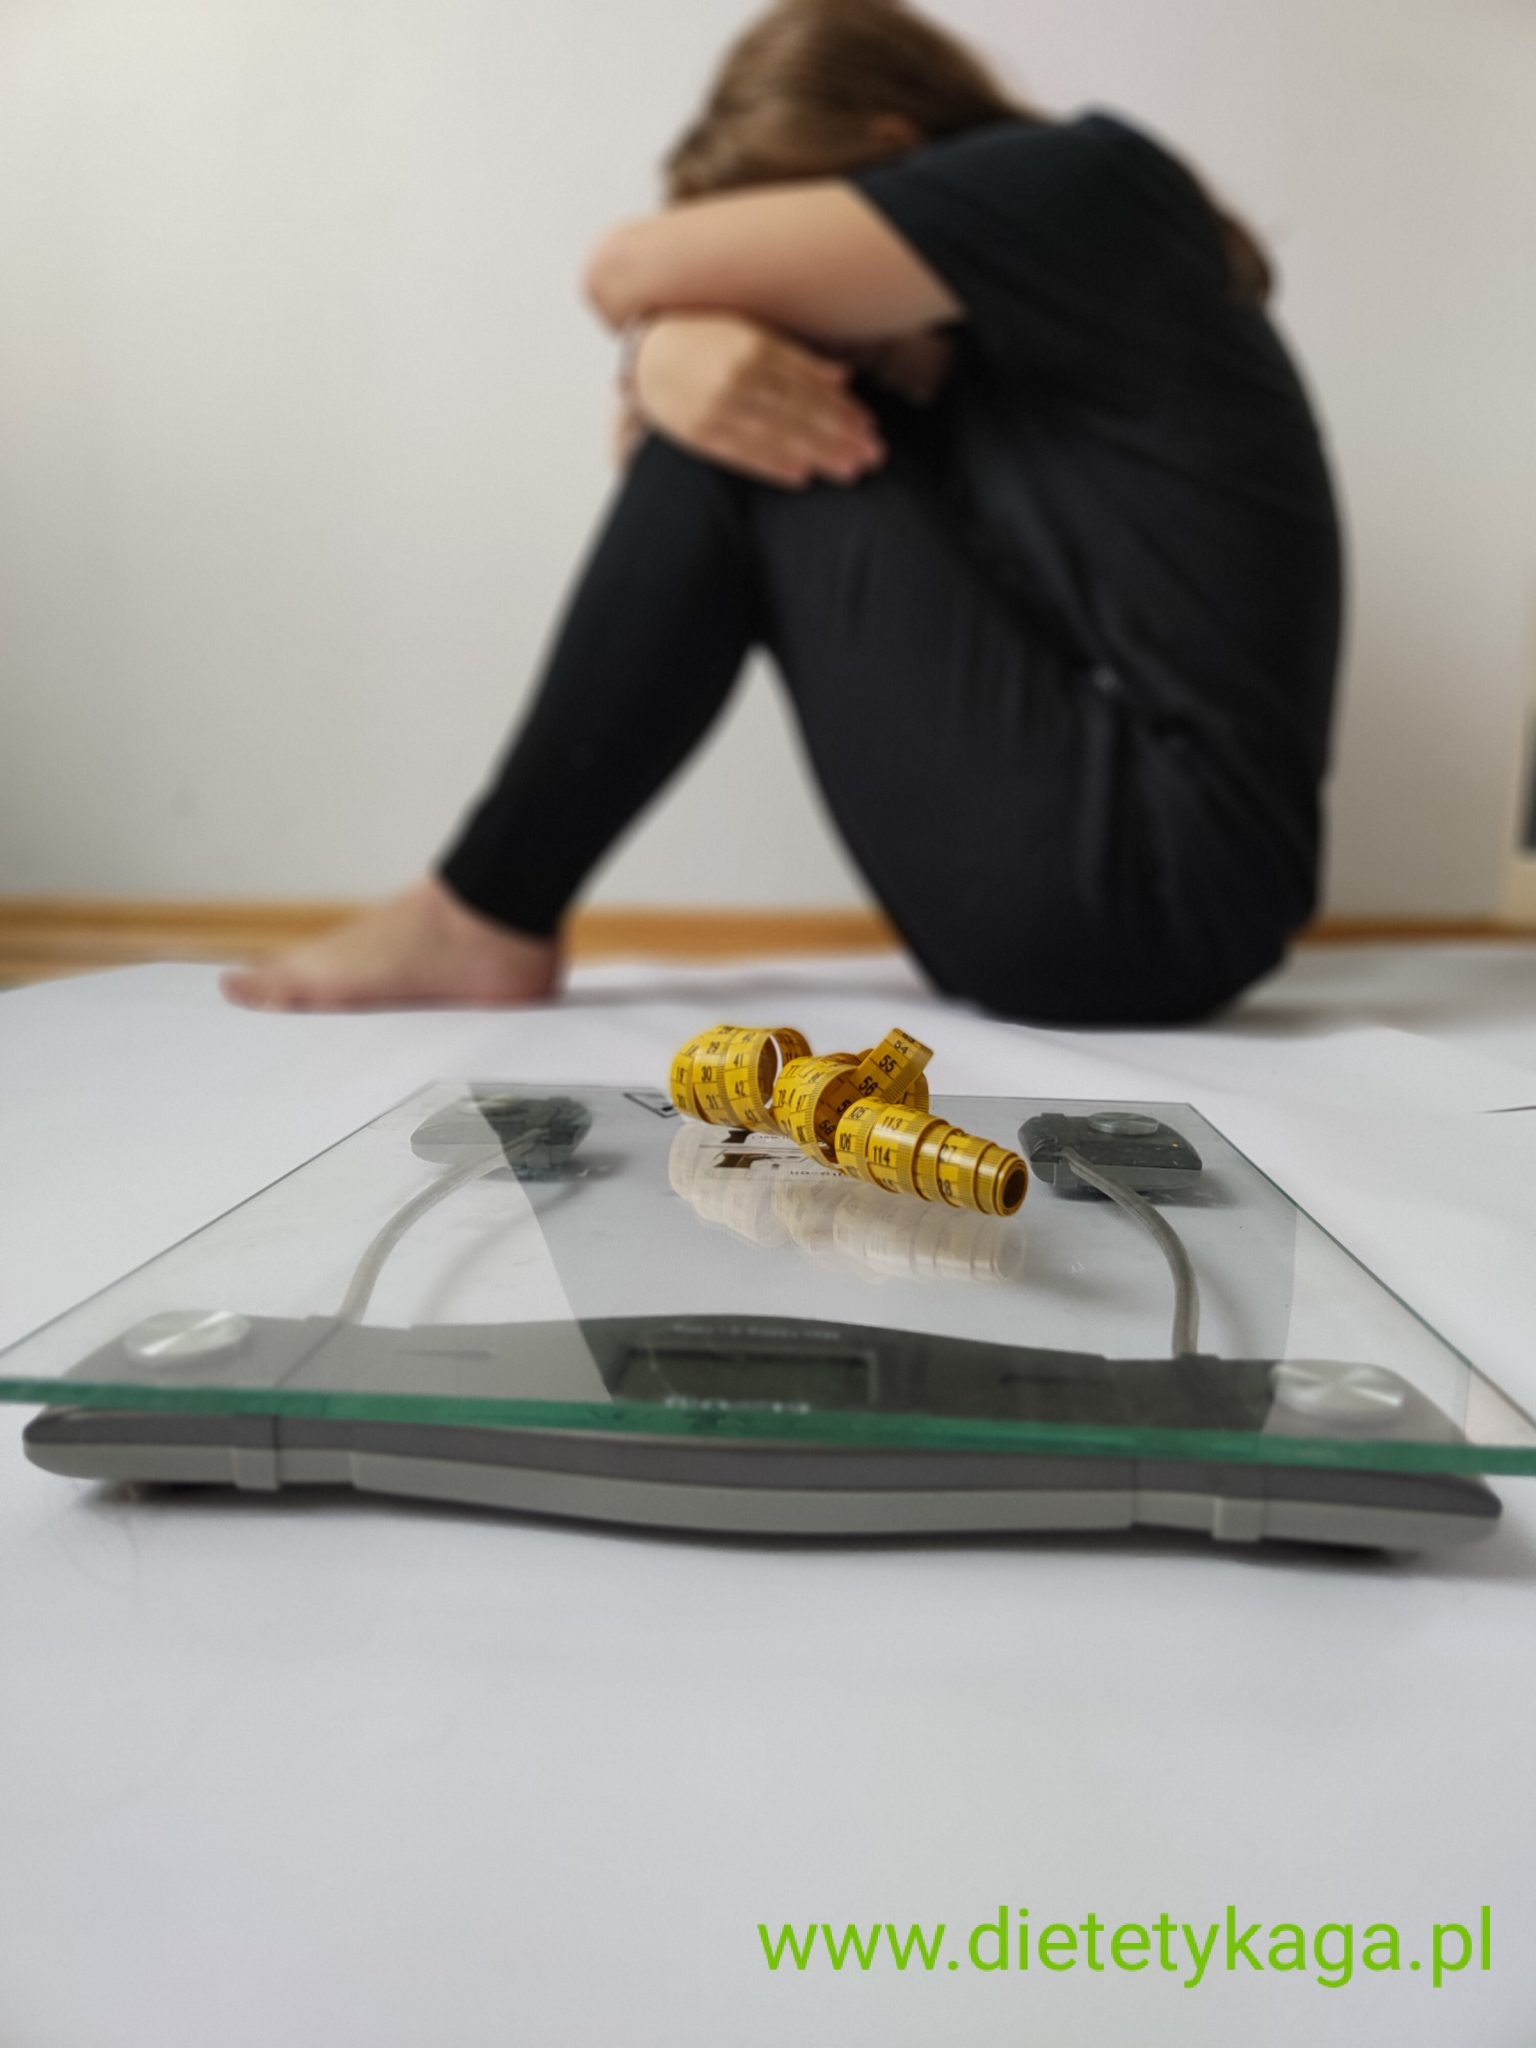 Zaburzenia odżywiania cz.2. Anoreksja temat tabu?